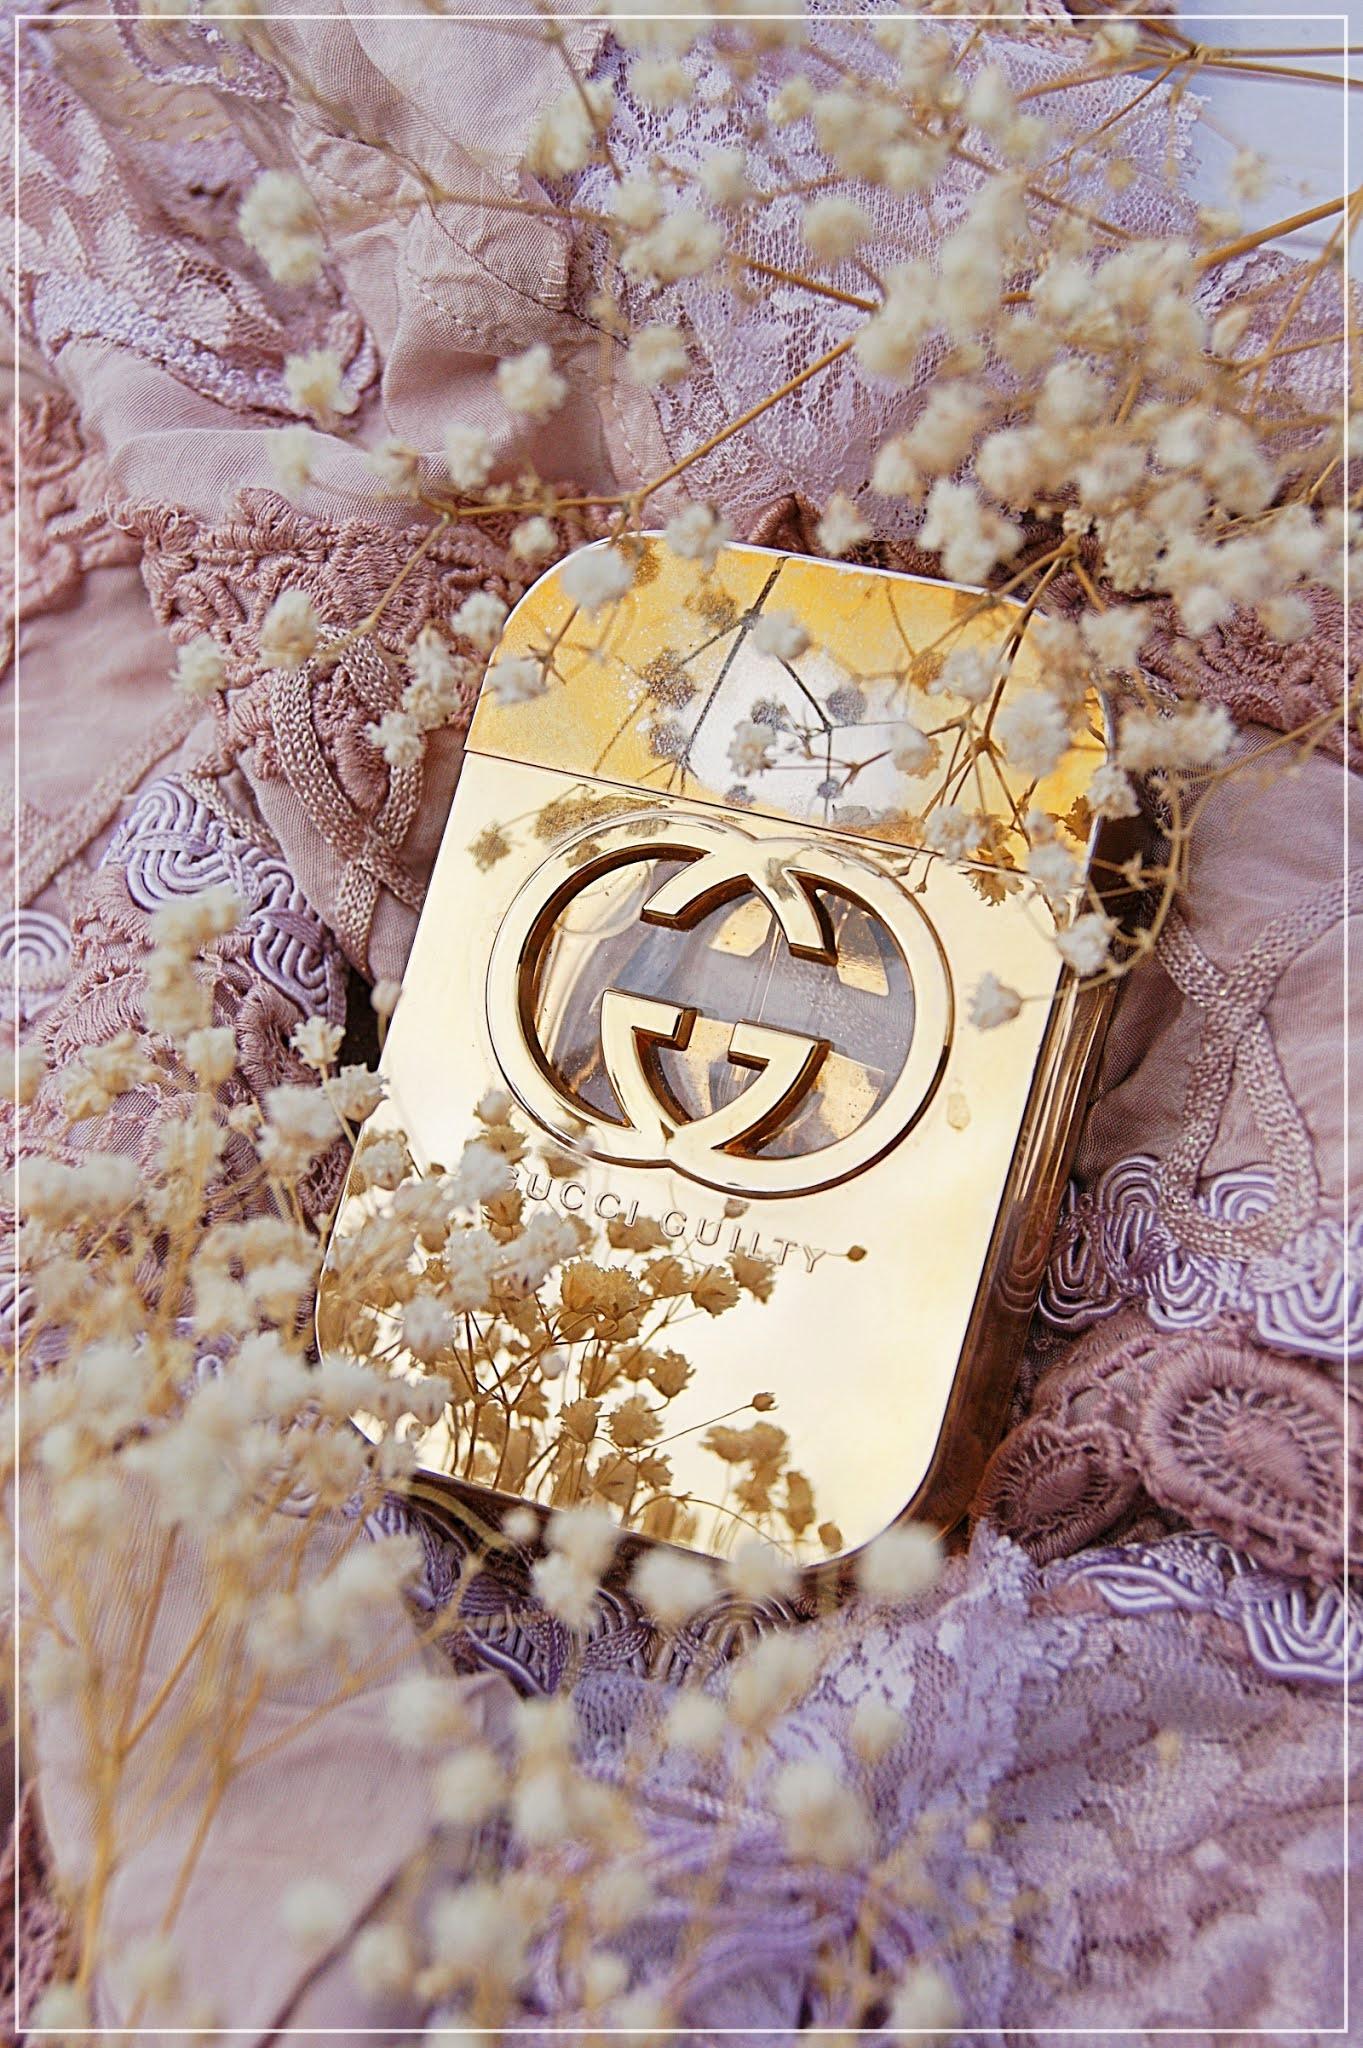 perfumy Gucci Guilty zdjęcie flakonu